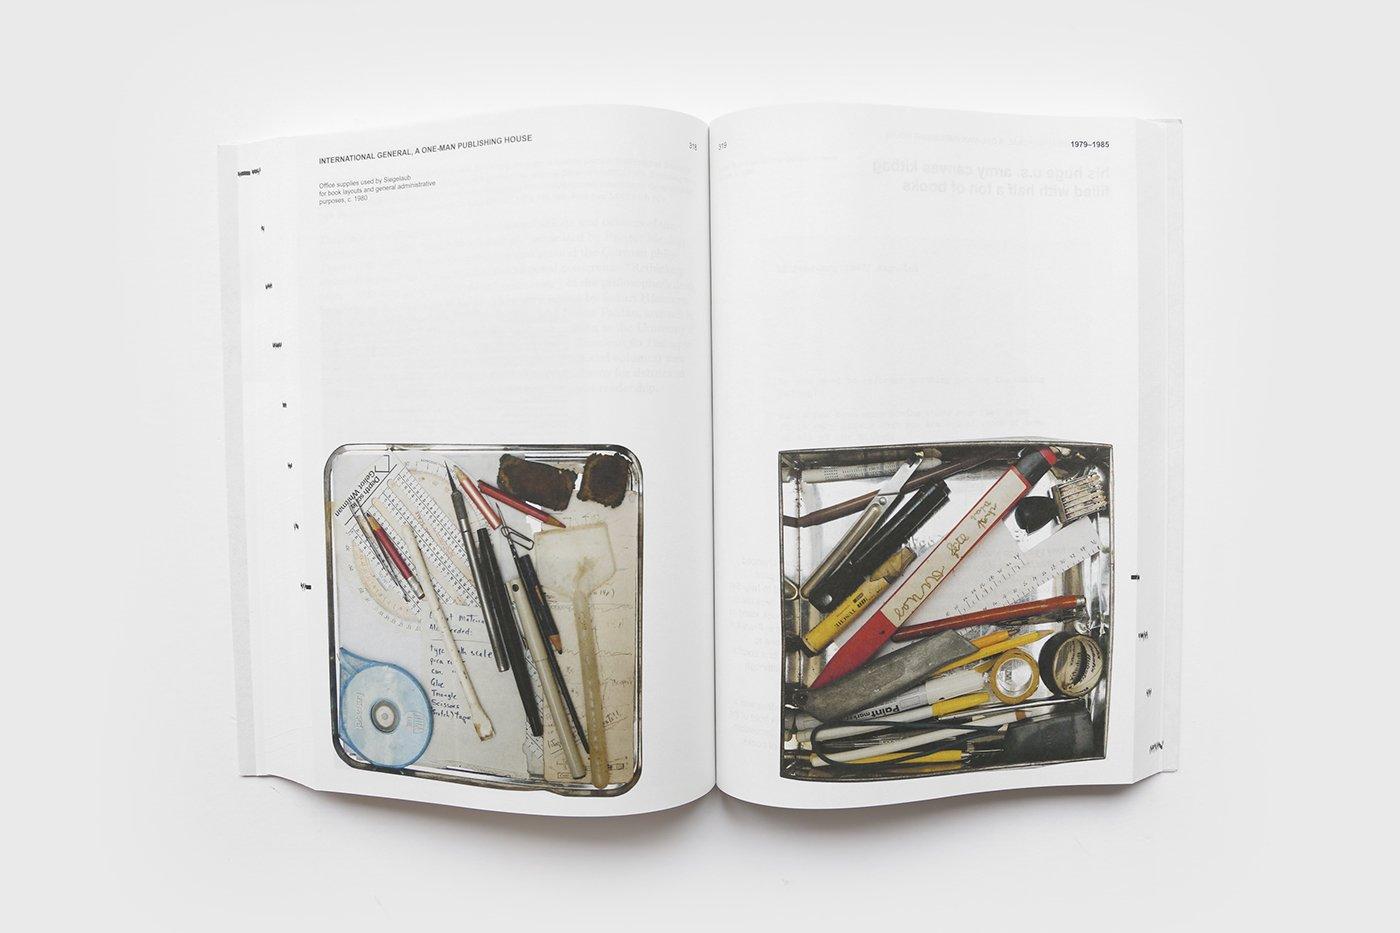 Twee pagina's uit 'Beyond Conceptual Art' door Seth Siegelaub. De Monsterkamer - Een interview met Tariq Heijboer